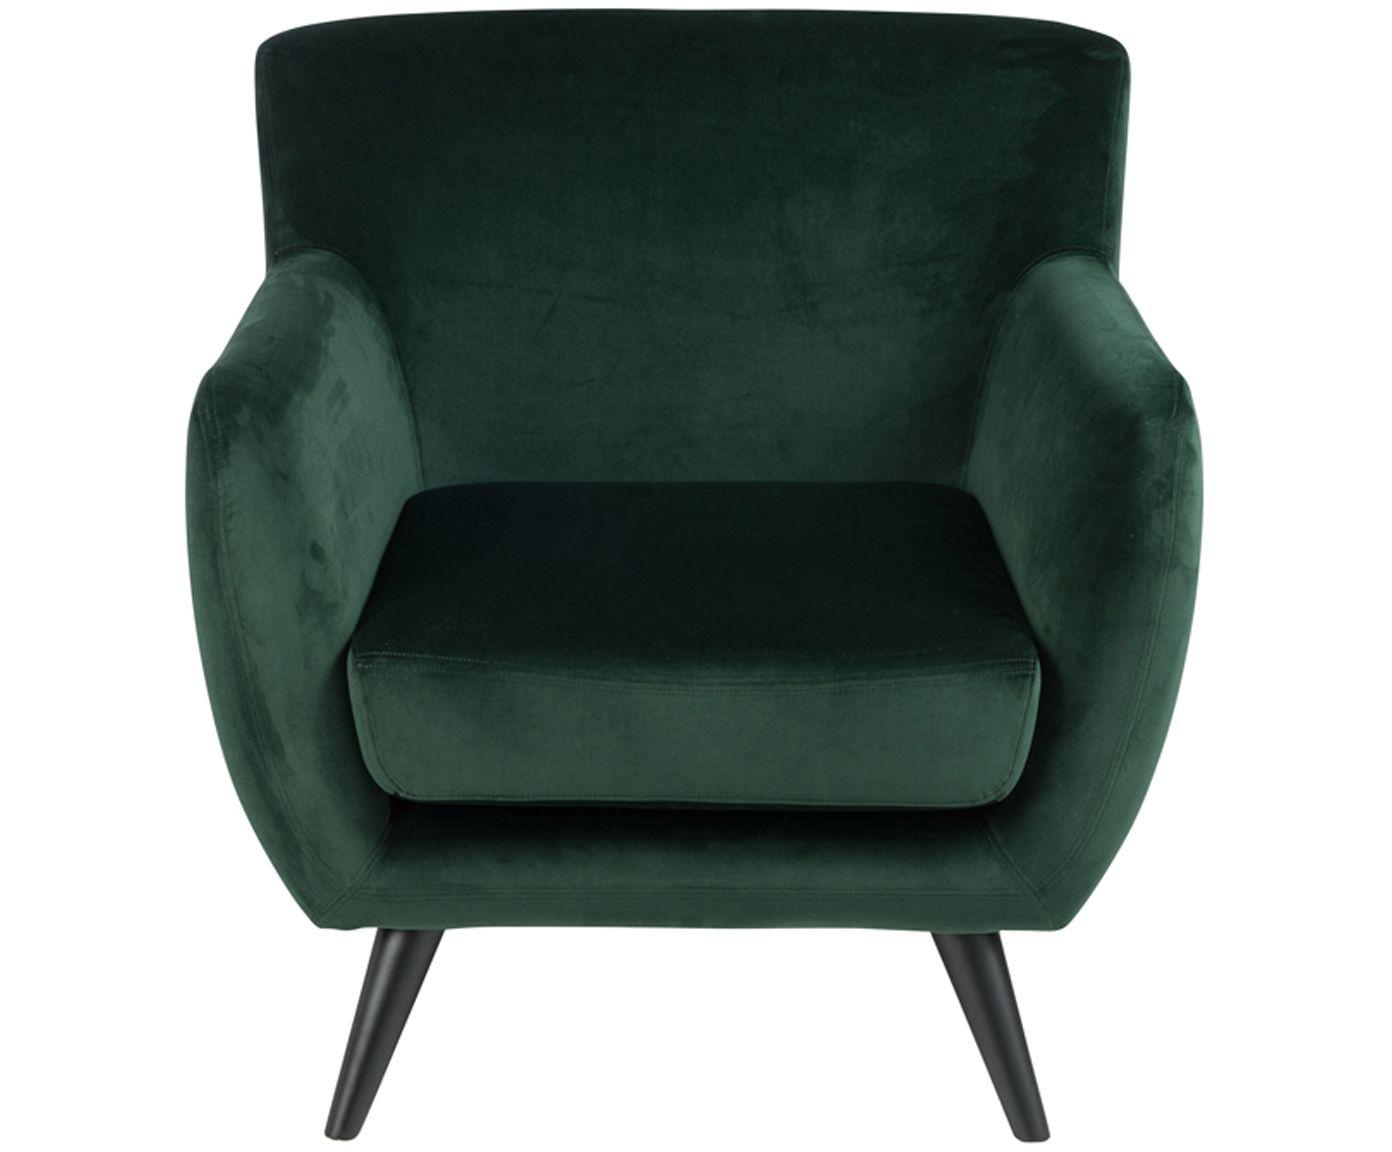 Mit Samt Sessel Mae In Grün Verwandeln Sie Ihr Wohnzimmer In Eine